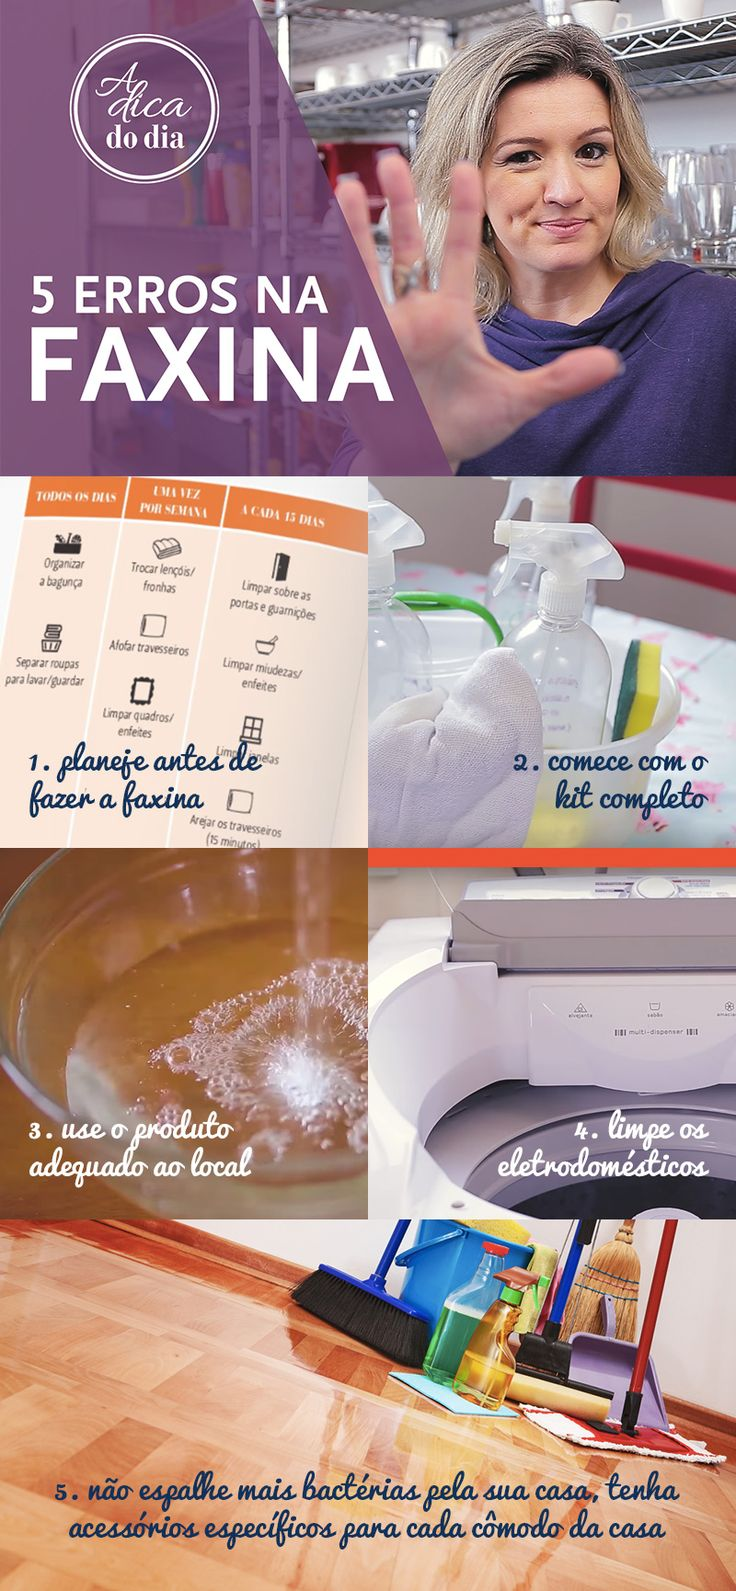 DICAS PARA NÃO ERRAR NUNCA MAIS NA FAXINA: Saiba como tornar a faxina mais organizada, rápida e funcional para manter a casa limpa. Livre-se de poeiras, ácaros e bichinhos indesejados...